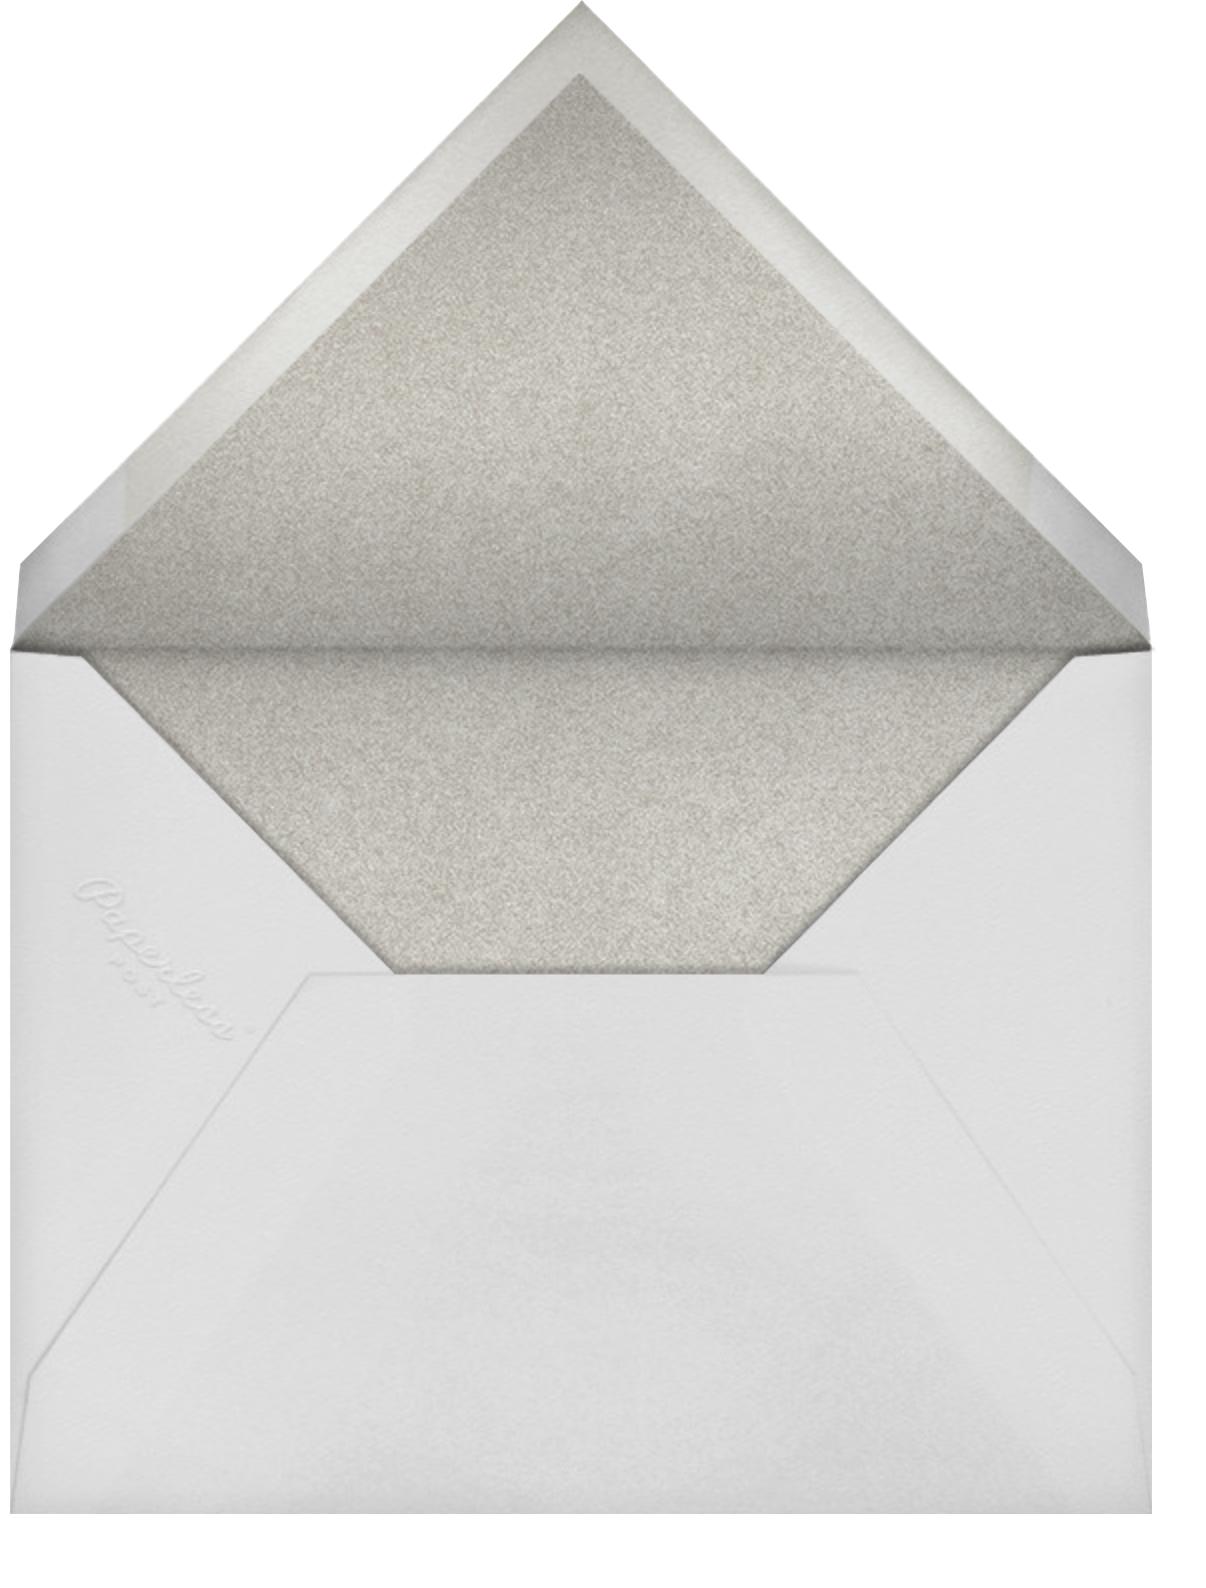 Eve - Navy - Vera Wang - Vera Wang - envelope back